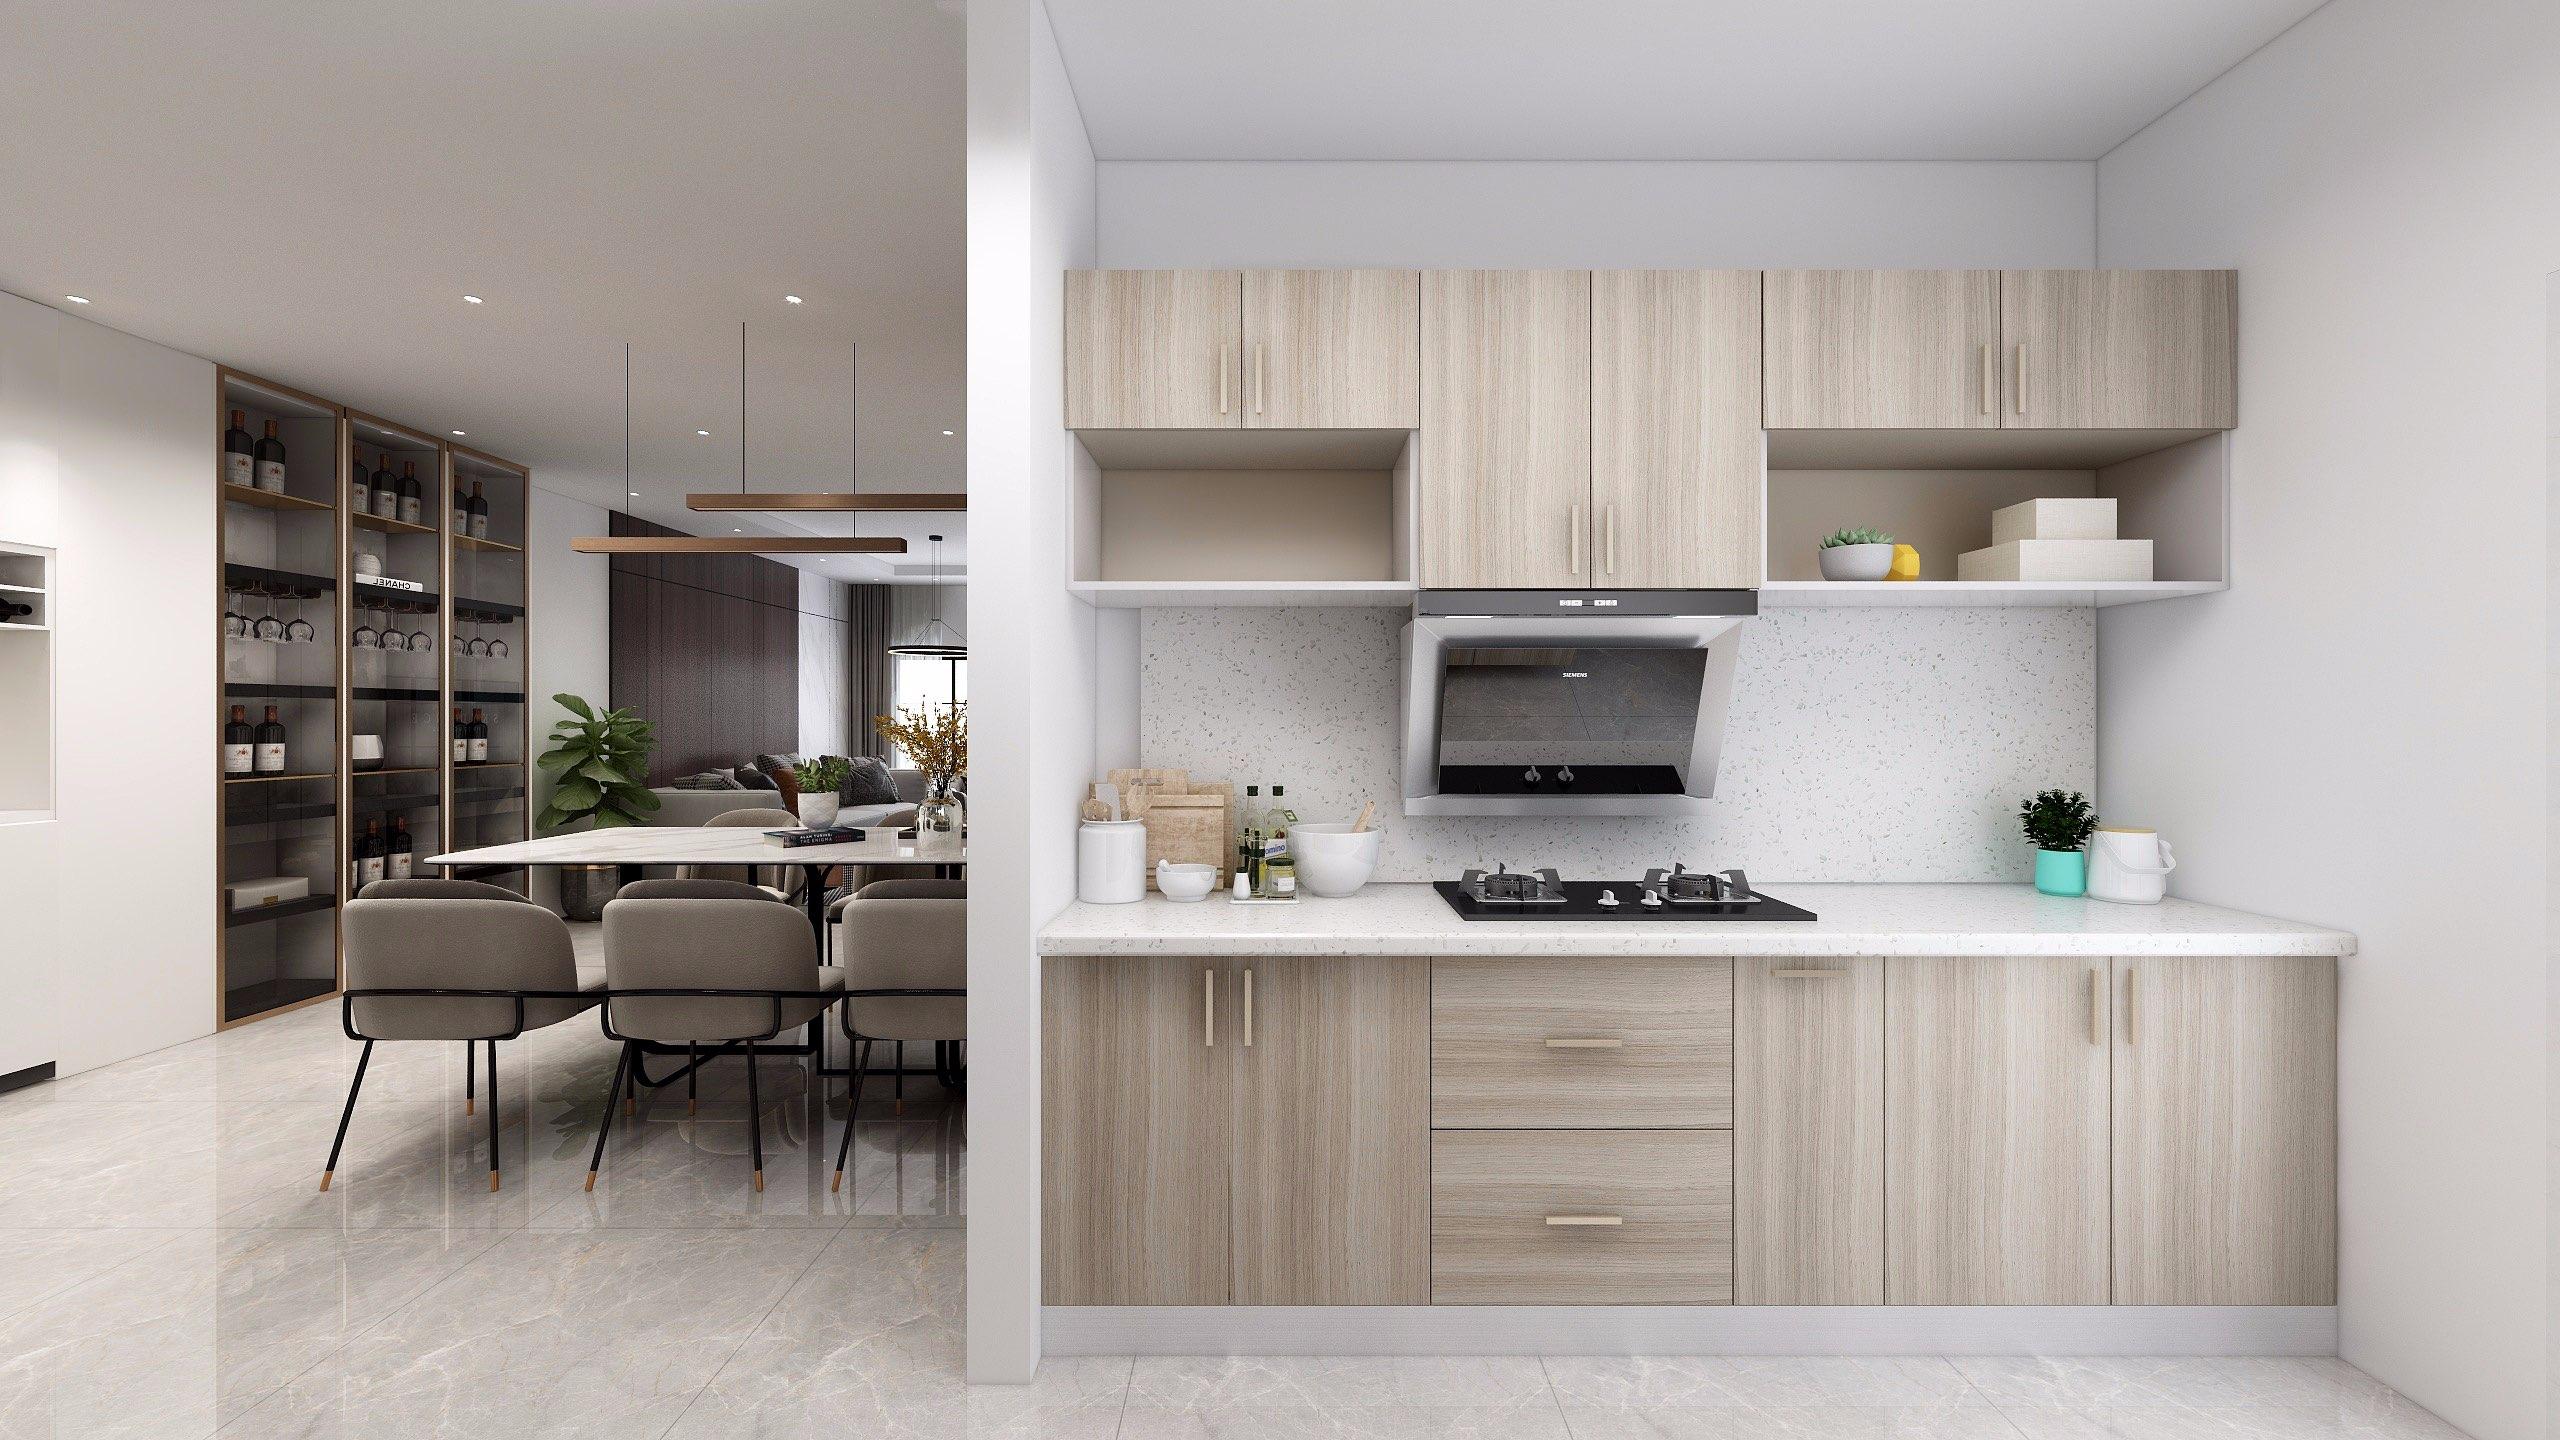 Nếu muốn tạo cảm giác không gian bếp rộng hơn, nên sử dụng tủ bếp chữ I màu sáng, trang trí gọn gàng, đơn giản